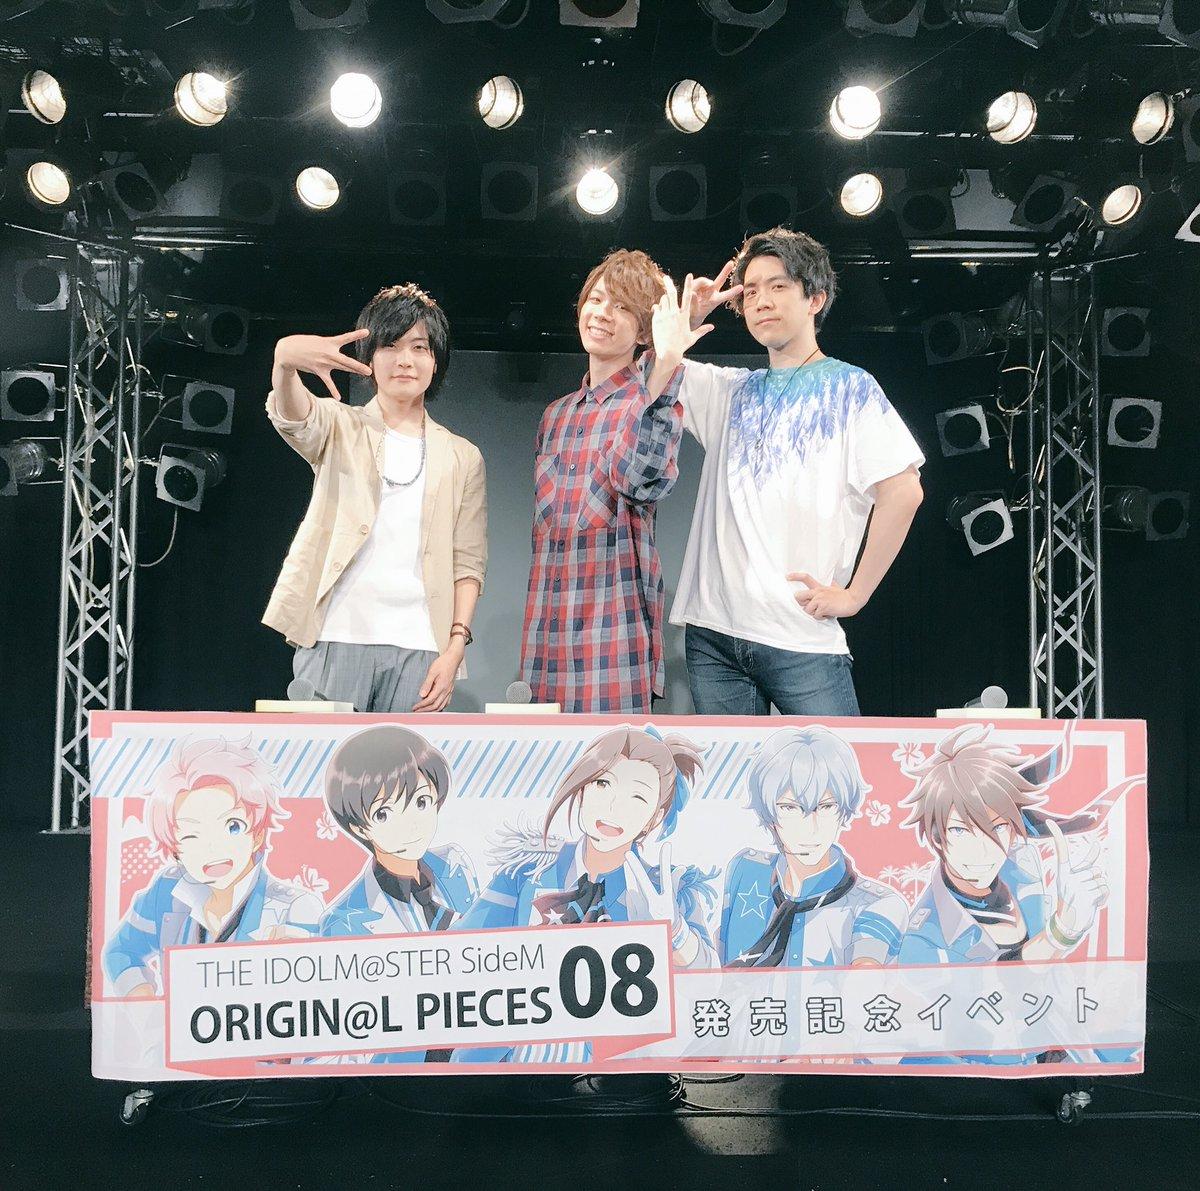 ORIGIN@L PIECES 08発売記念イベント@沖縄にご来場くださった皆様、本当にありがとうございました!全9本のオリピシリーズ、イベント完走です! #SideM